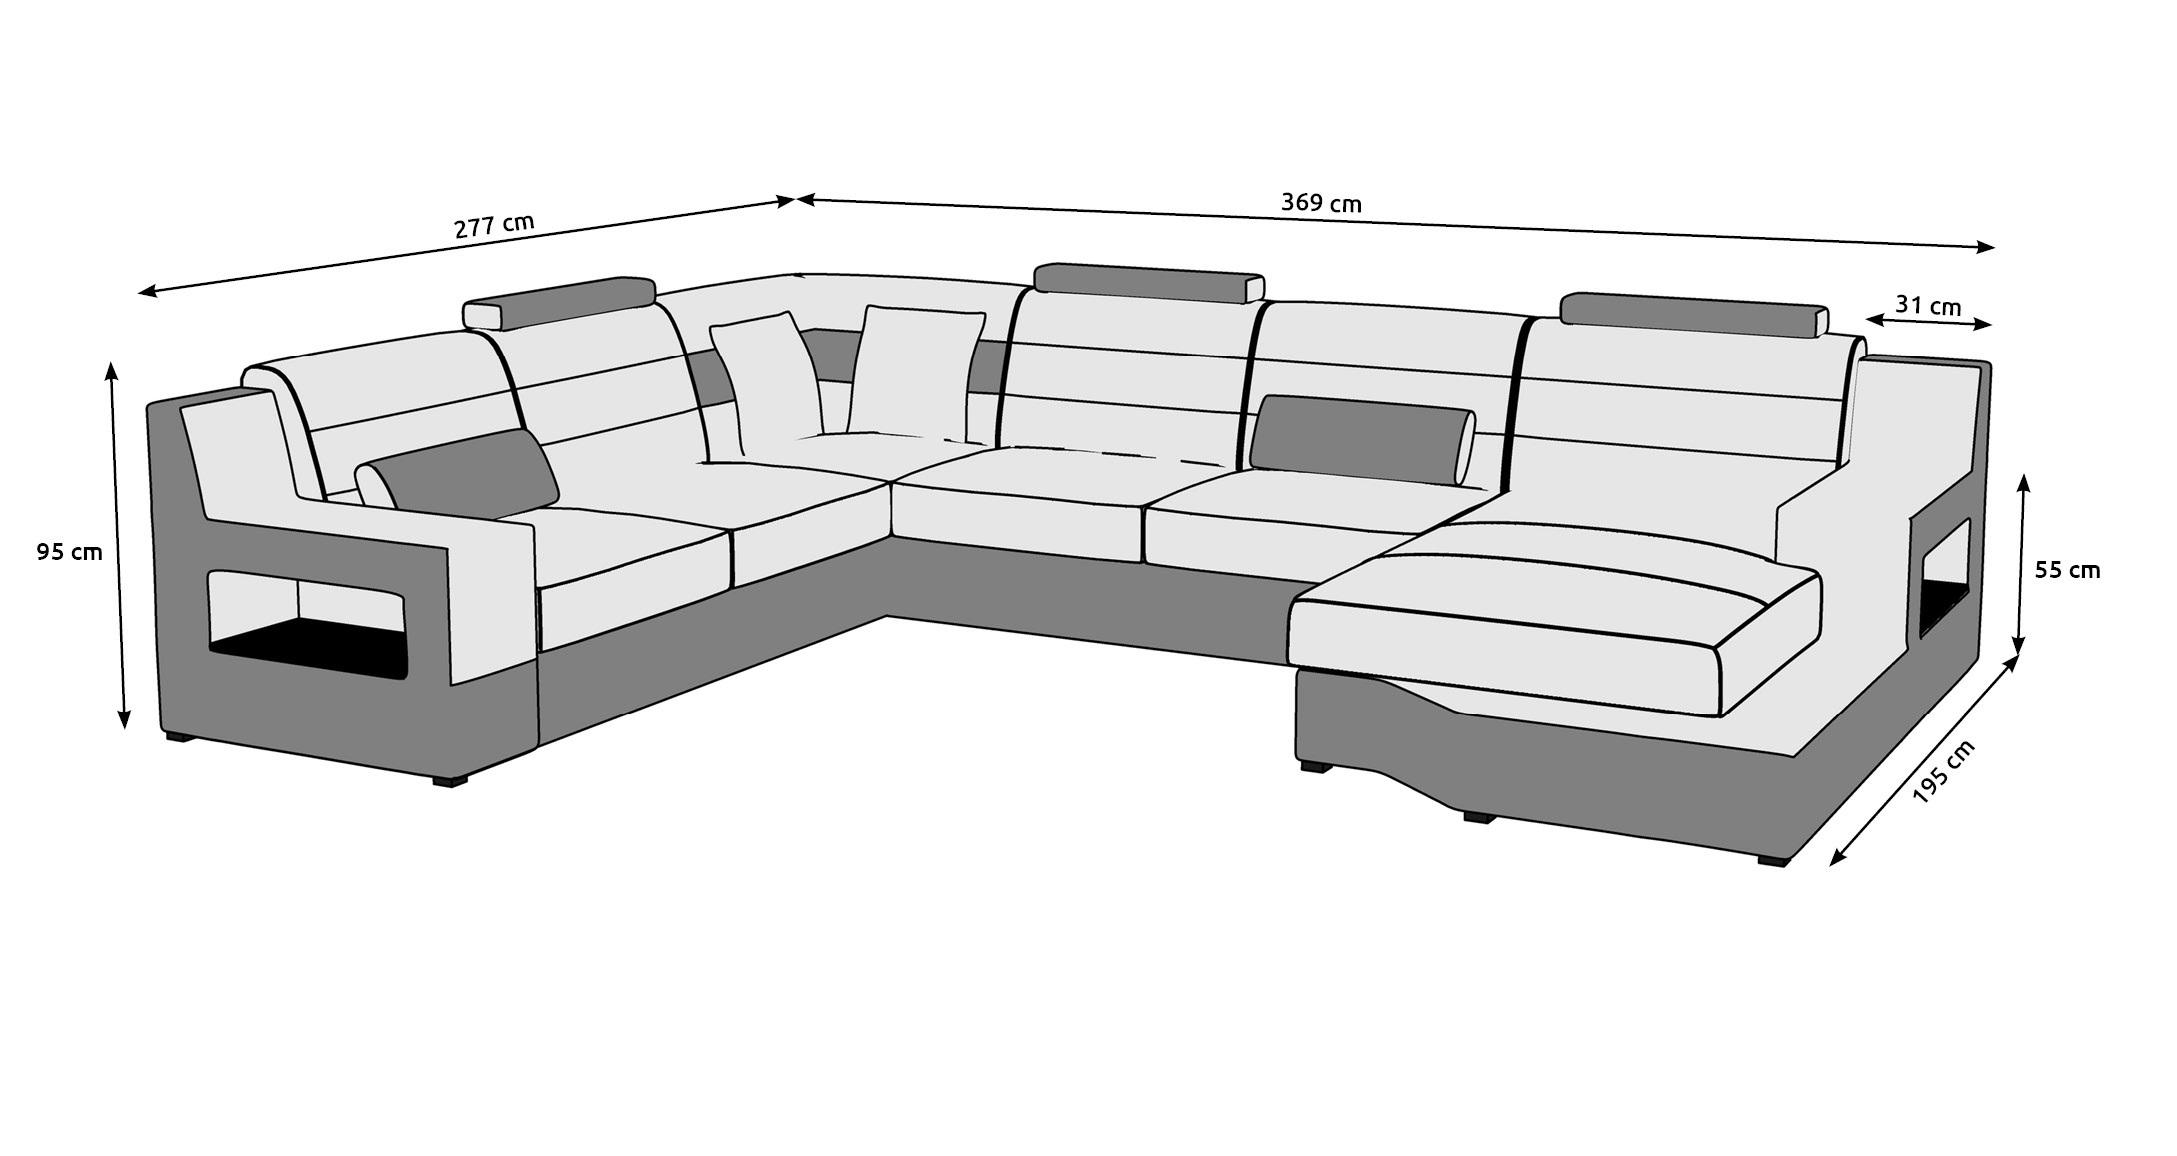 Wohnlandschaft Ecksofa Sofa Couch Polster Garnitur